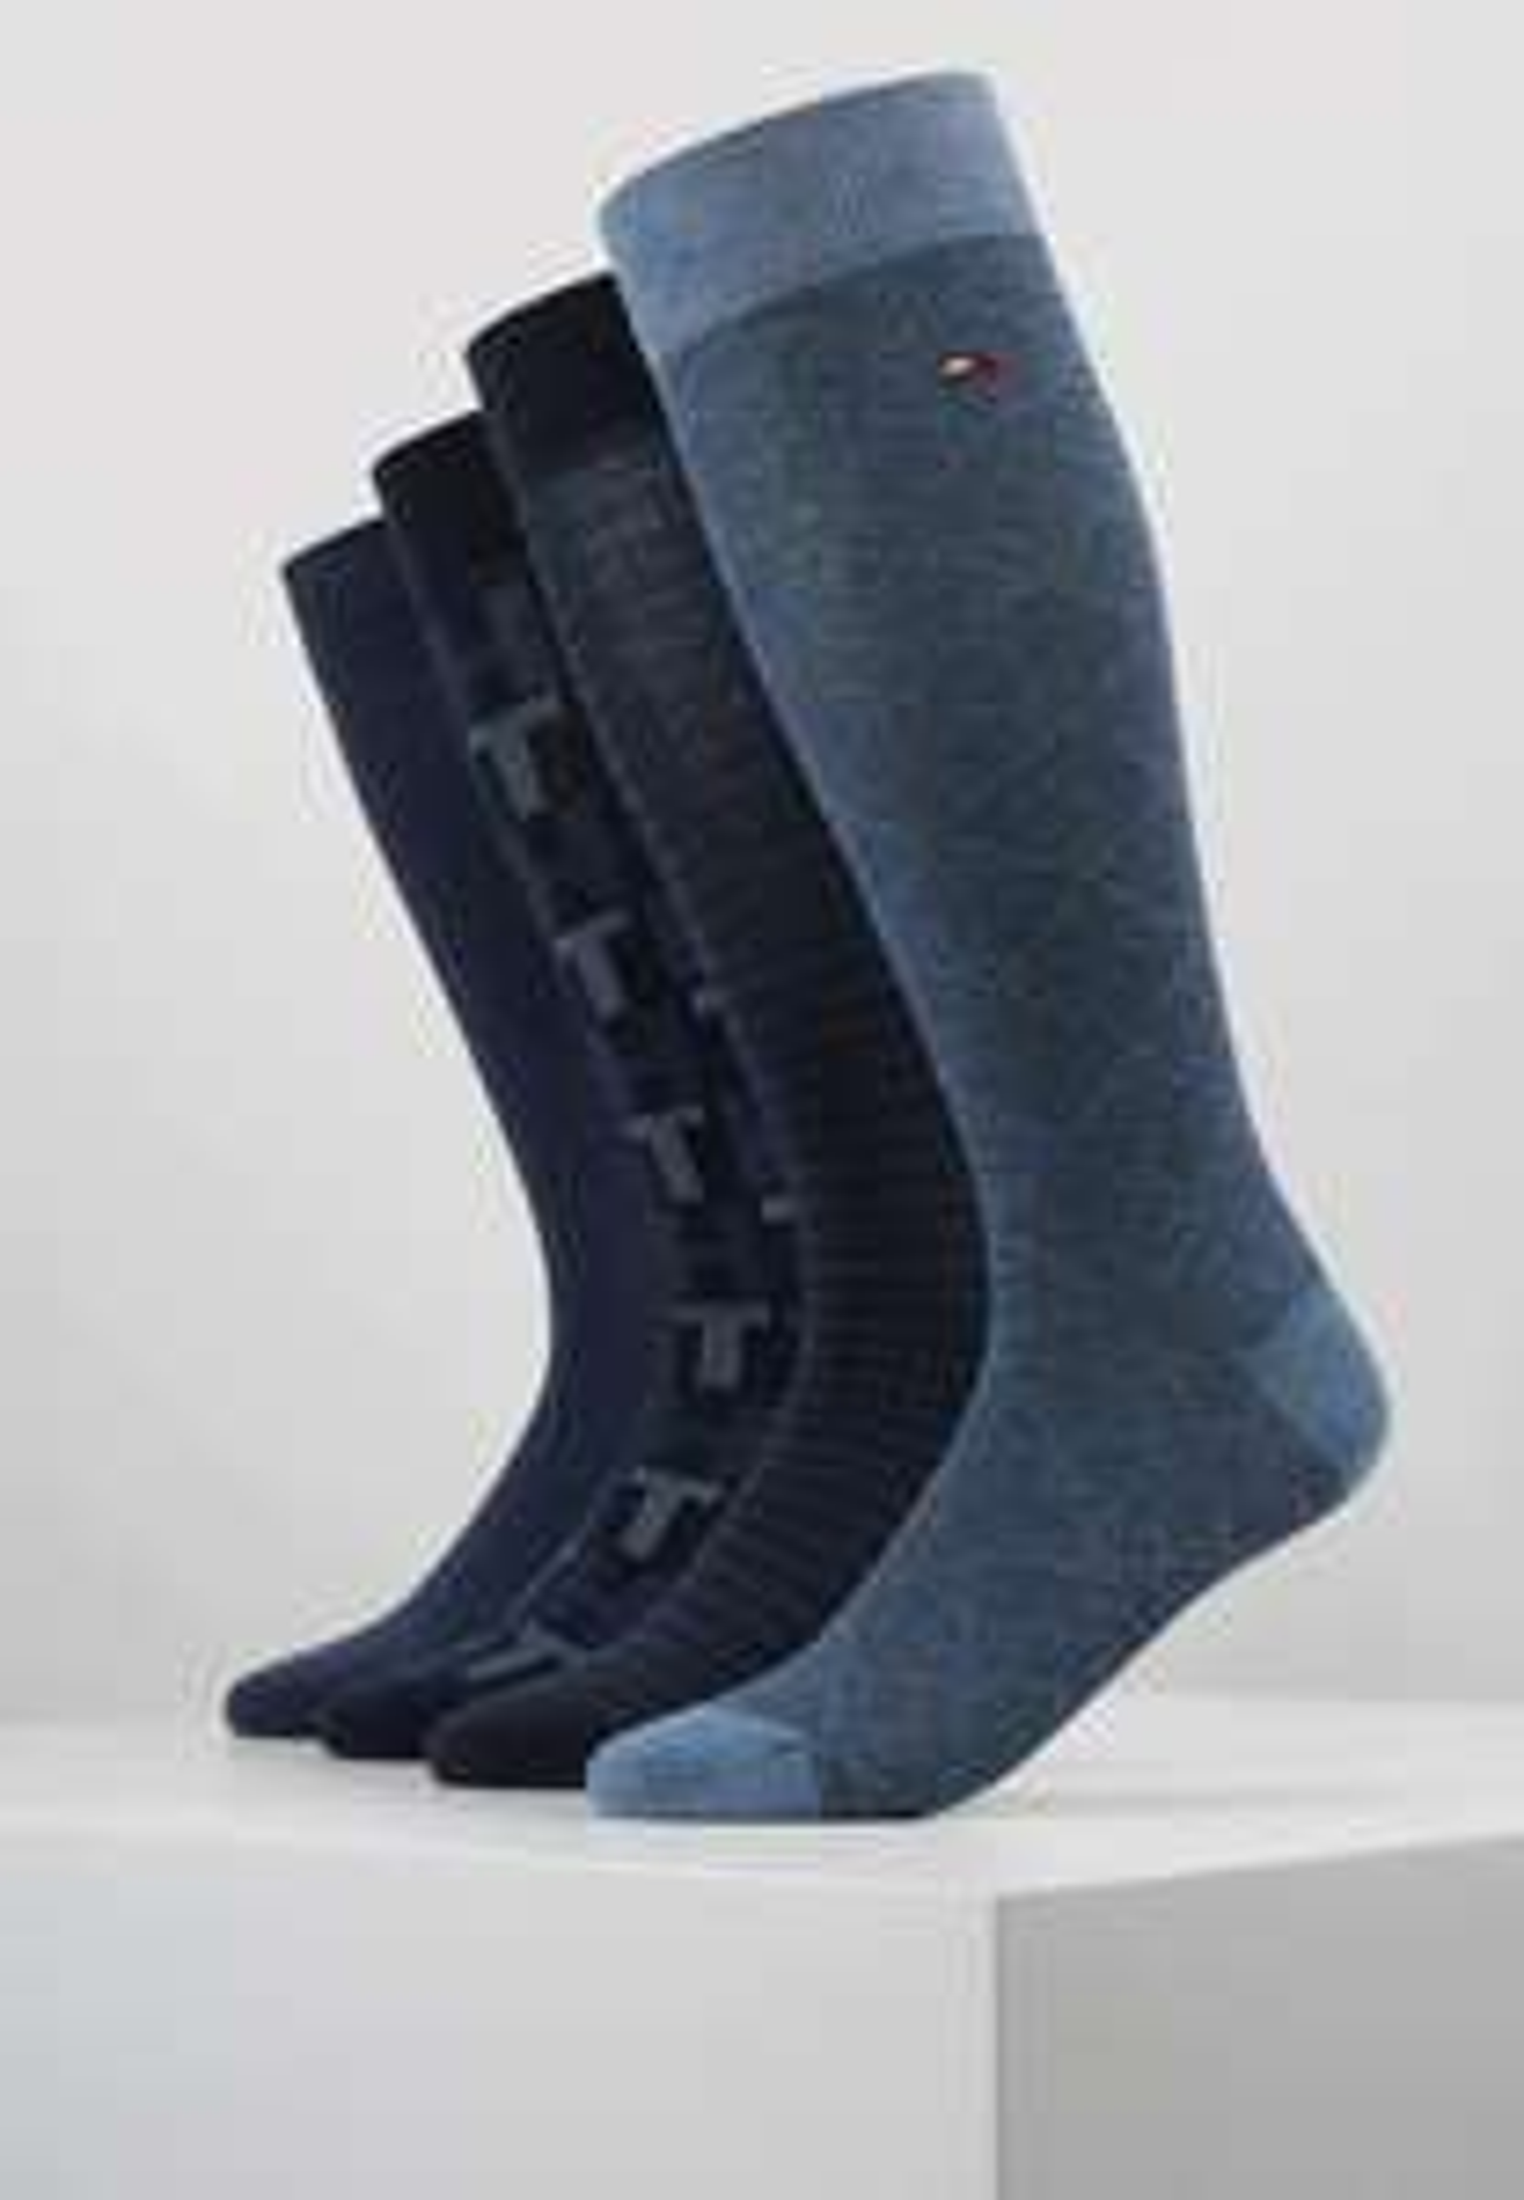 Pack 4 paires de chaussettes Tommy Hilfiger - 39/42, 43/46